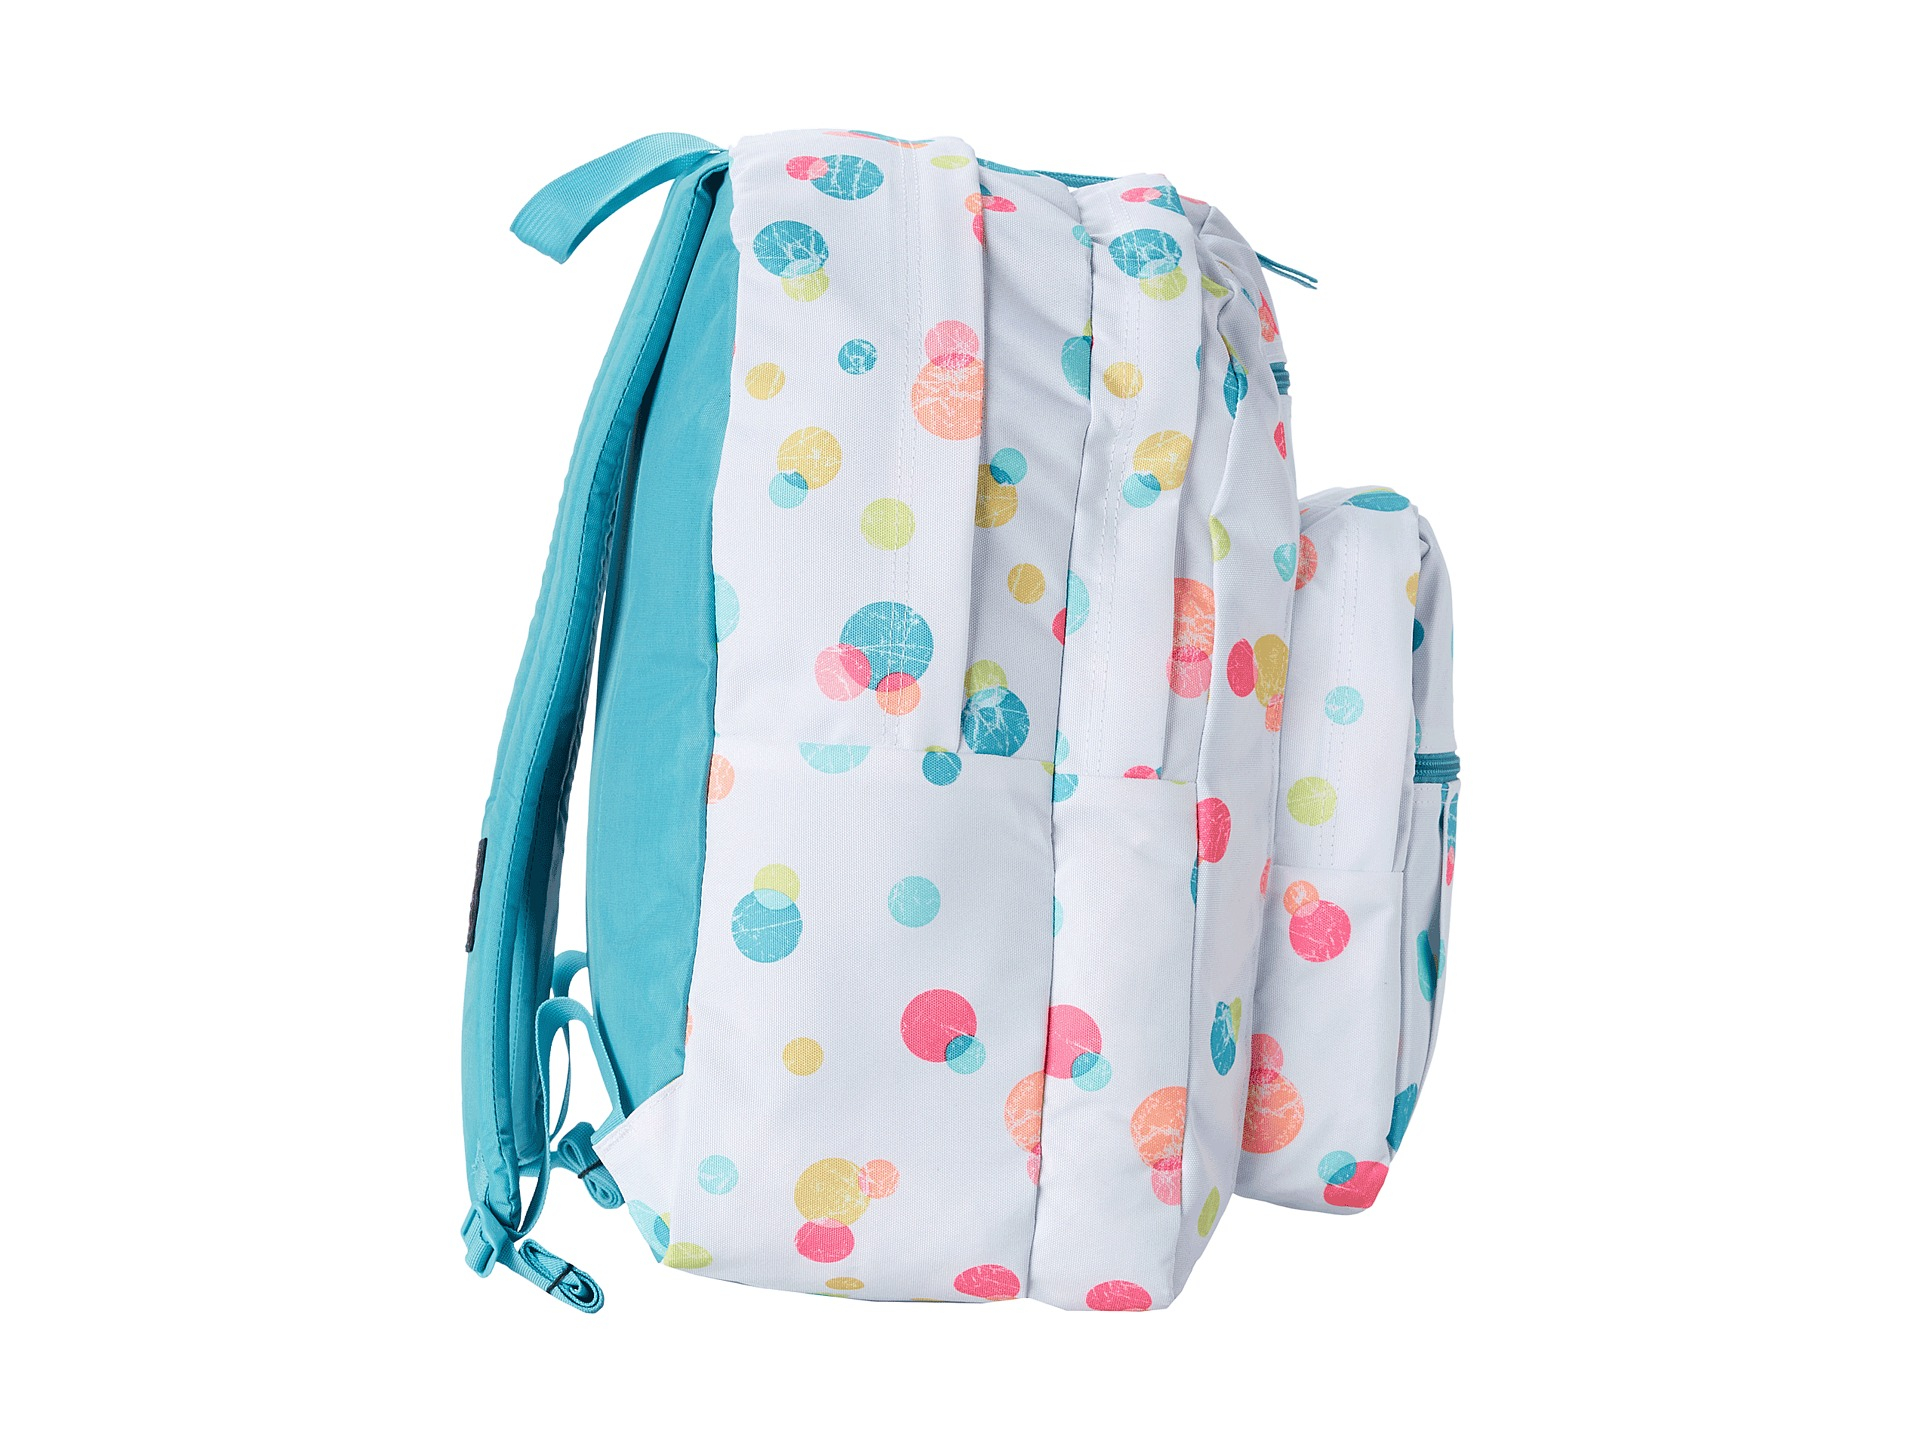 5143f23400dd Jansport Backpack Big 5